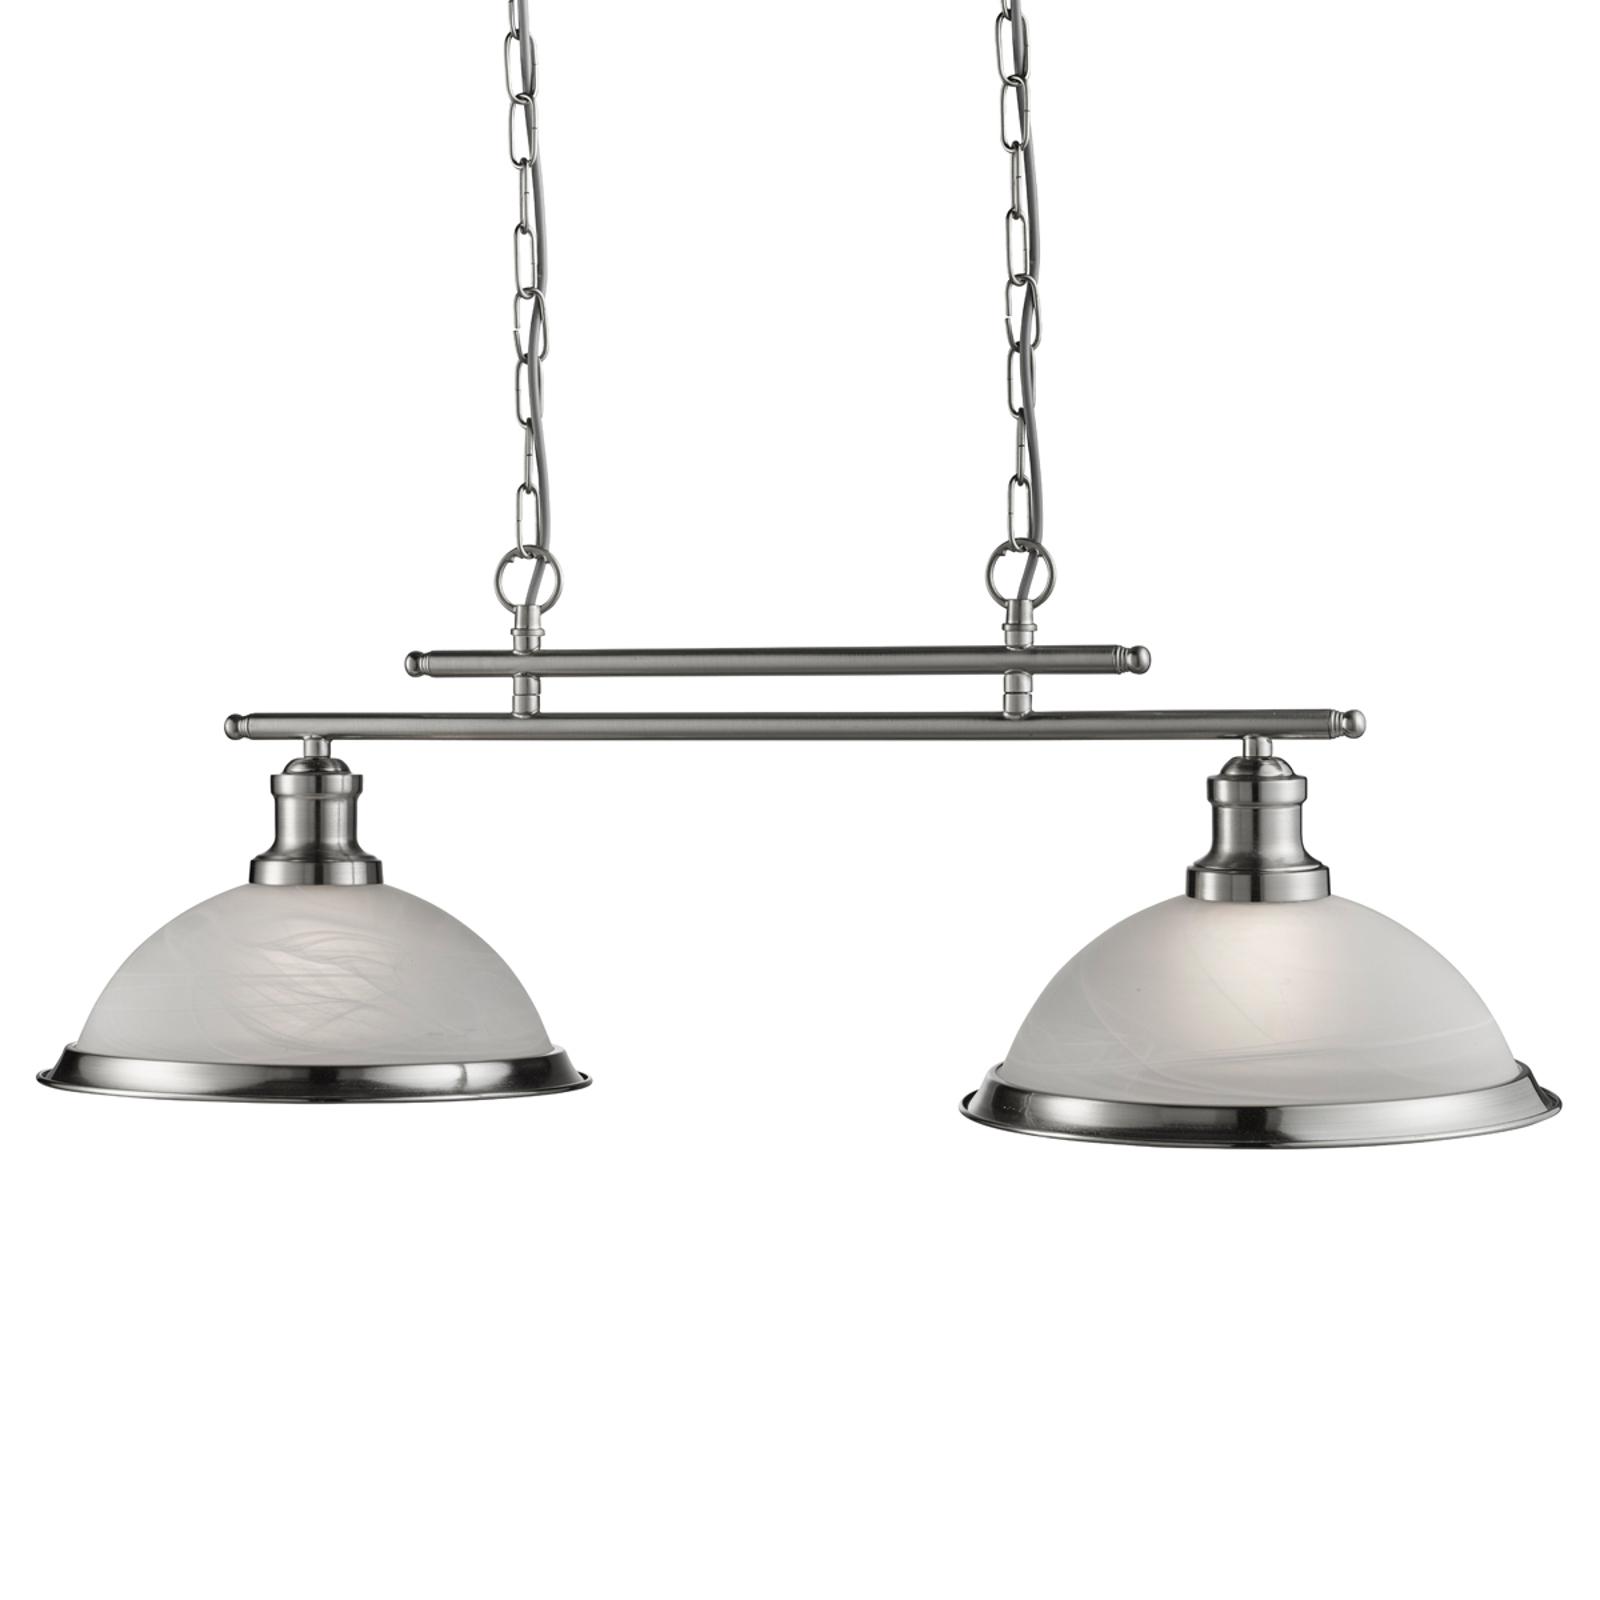 Formen hængelampe Bistro 2 lys antik